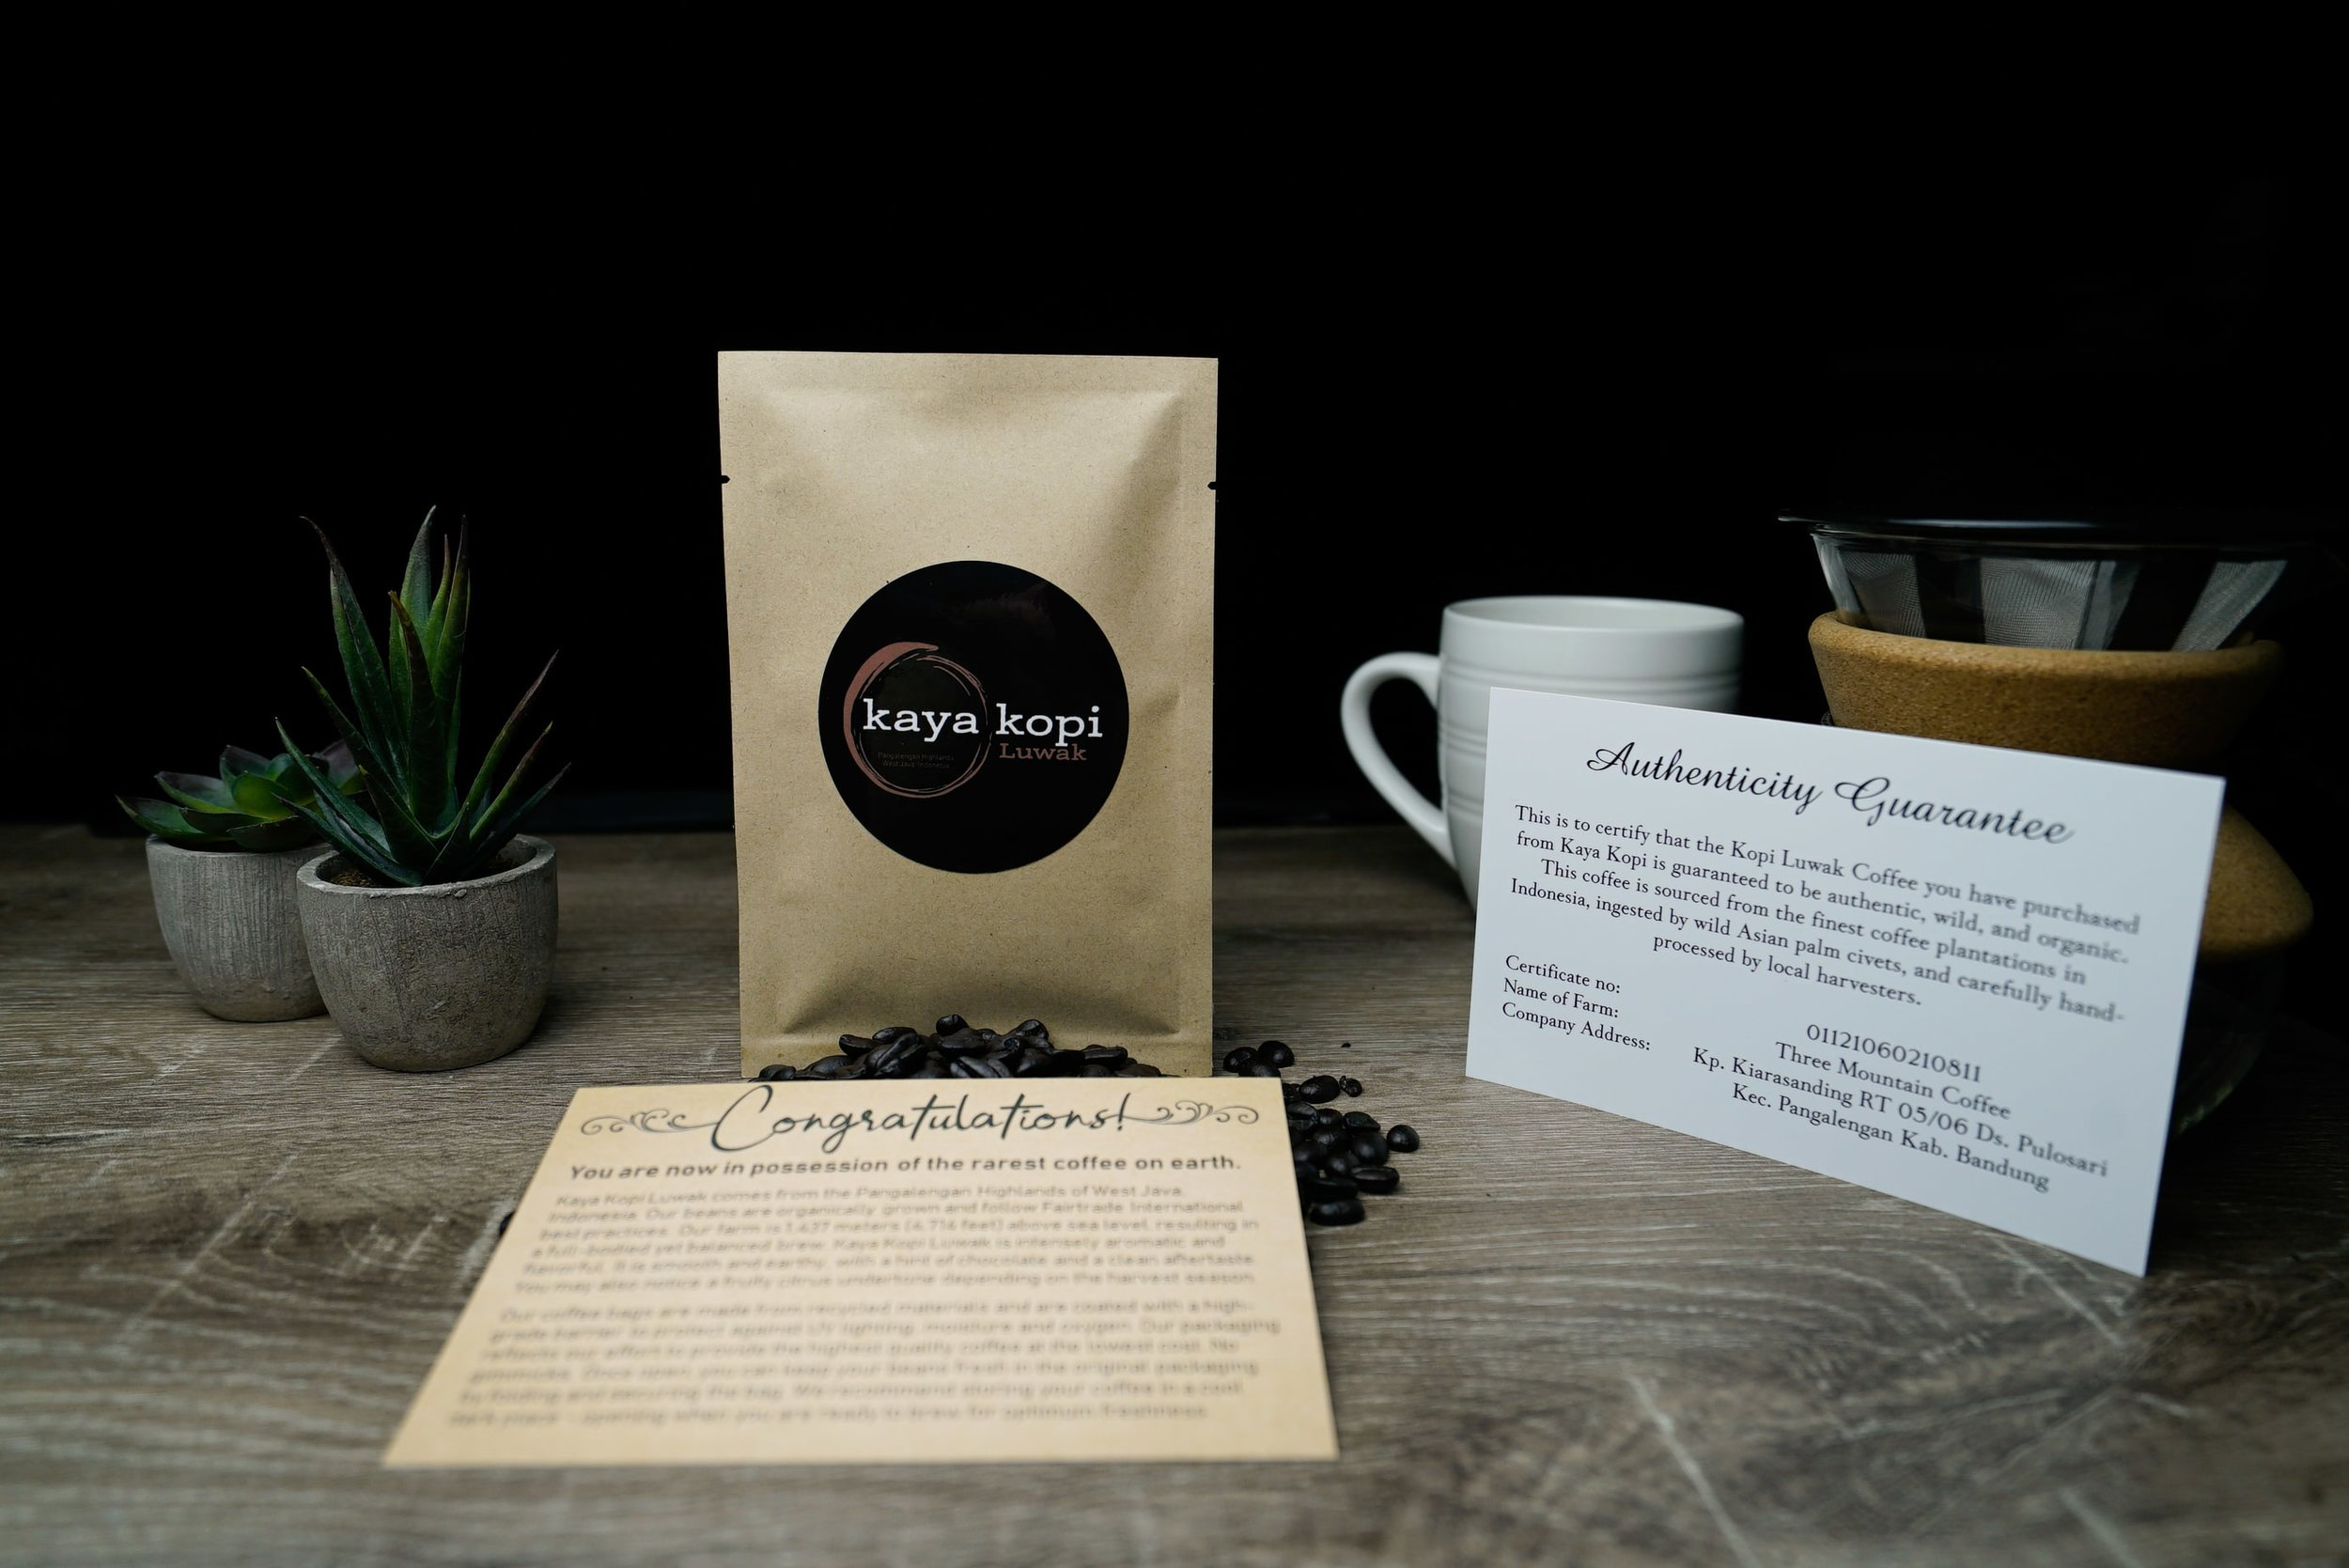 kaya kopi with certificates-min.jpg